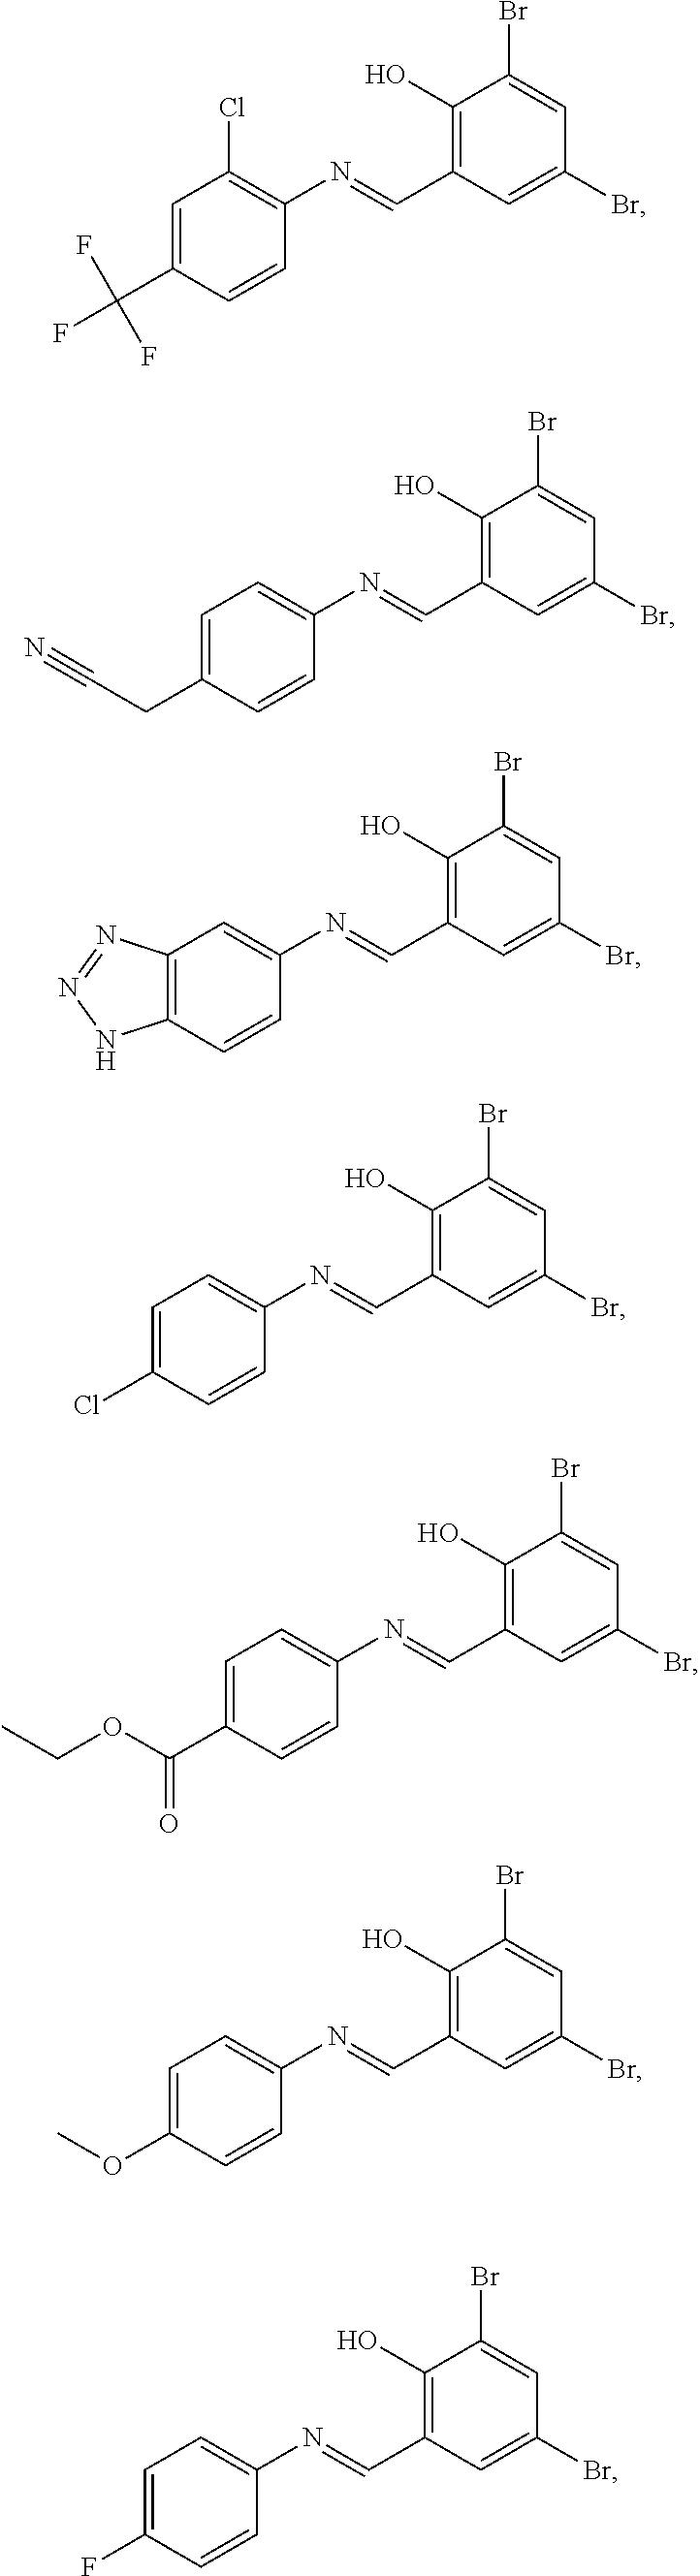 Figure US20110065162A1-20110317-C00151